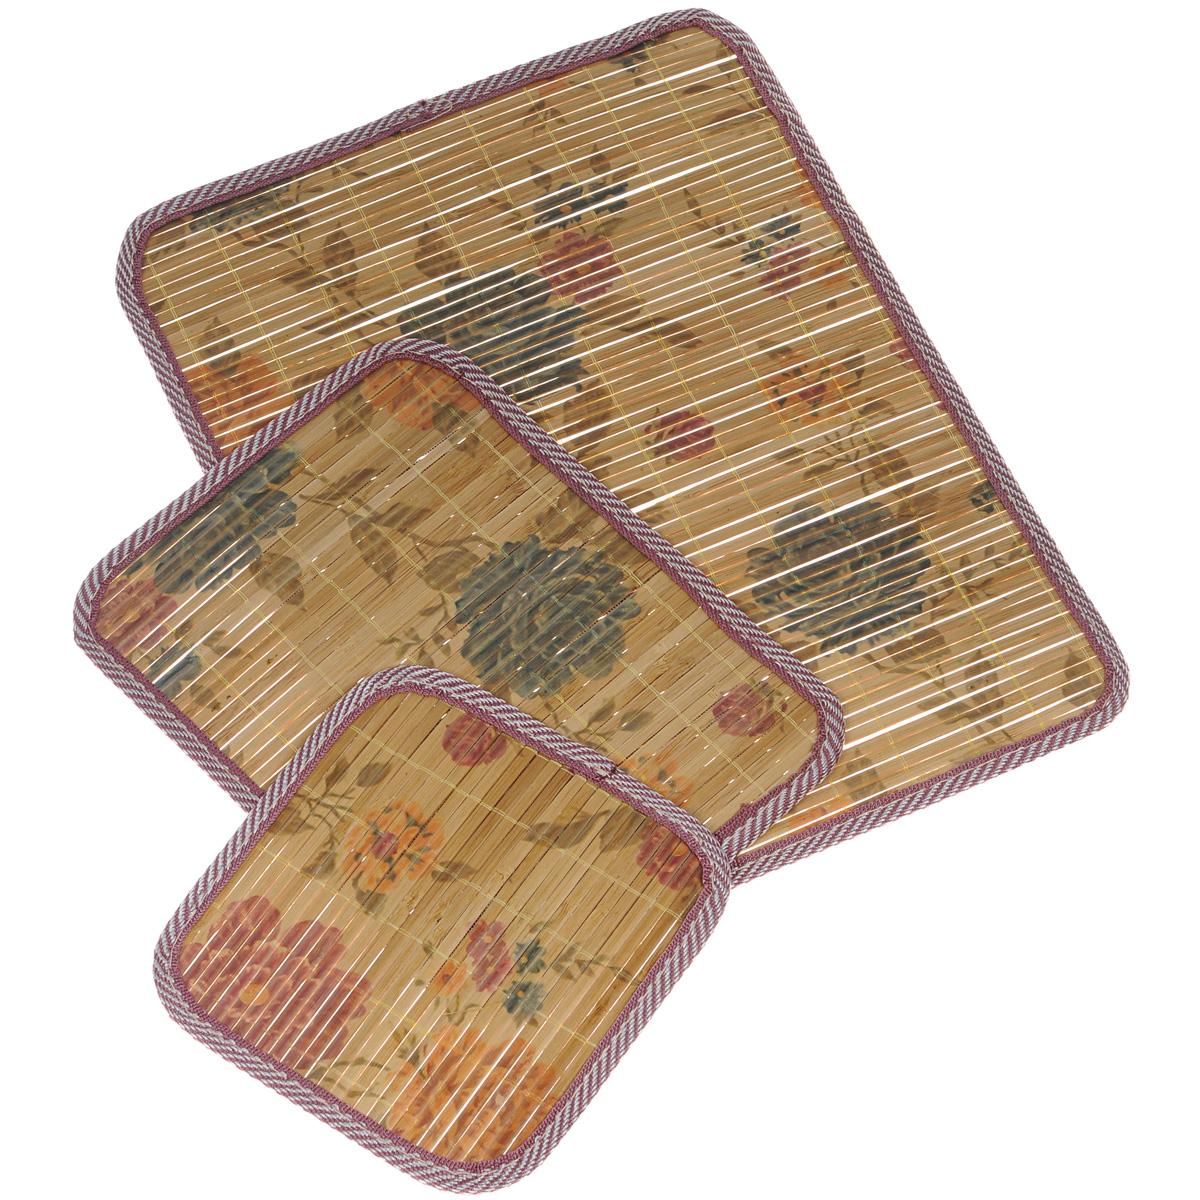 Набор салфеток под горячее Dommix, цвет: коричневый, 3 шт. OW041OW041Набор Dommix, состоящий из 3 бамбуковых салфеток под горячее, идеально впишется в интерьер современной кухни. Изделия декорированы изображением цветов. Салфетки из бамбука не впитывают запахи, легко моются, не деформируются при длительном использовании. Бамбук обладает антибактериальными и водоотталкивающими свойствами. Также имеют высокую прочность. Каждая хозяйка знает, что салфетка под горячее - это незаменимый и очень полезный аксессуар на каждой кухне. Ваш стол будет не только украшен оригинальной салфеткой, но и сбережен от воздействия высоких температур ваших кулинарных шедевров.